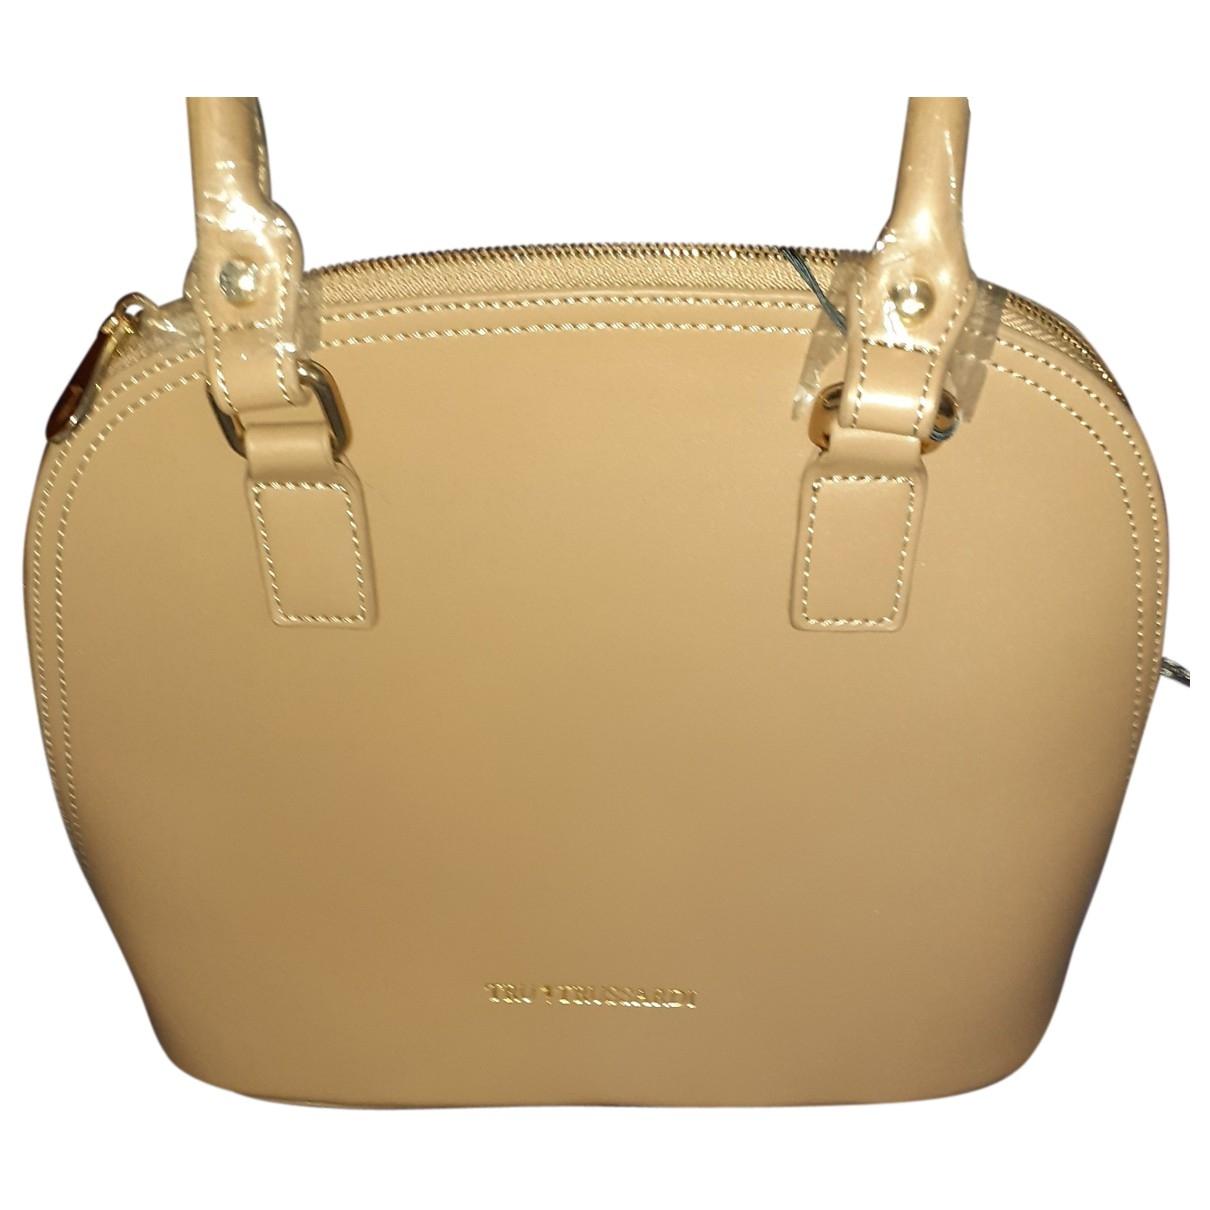 Trussardi \N Handtasche in  Kamel Leder